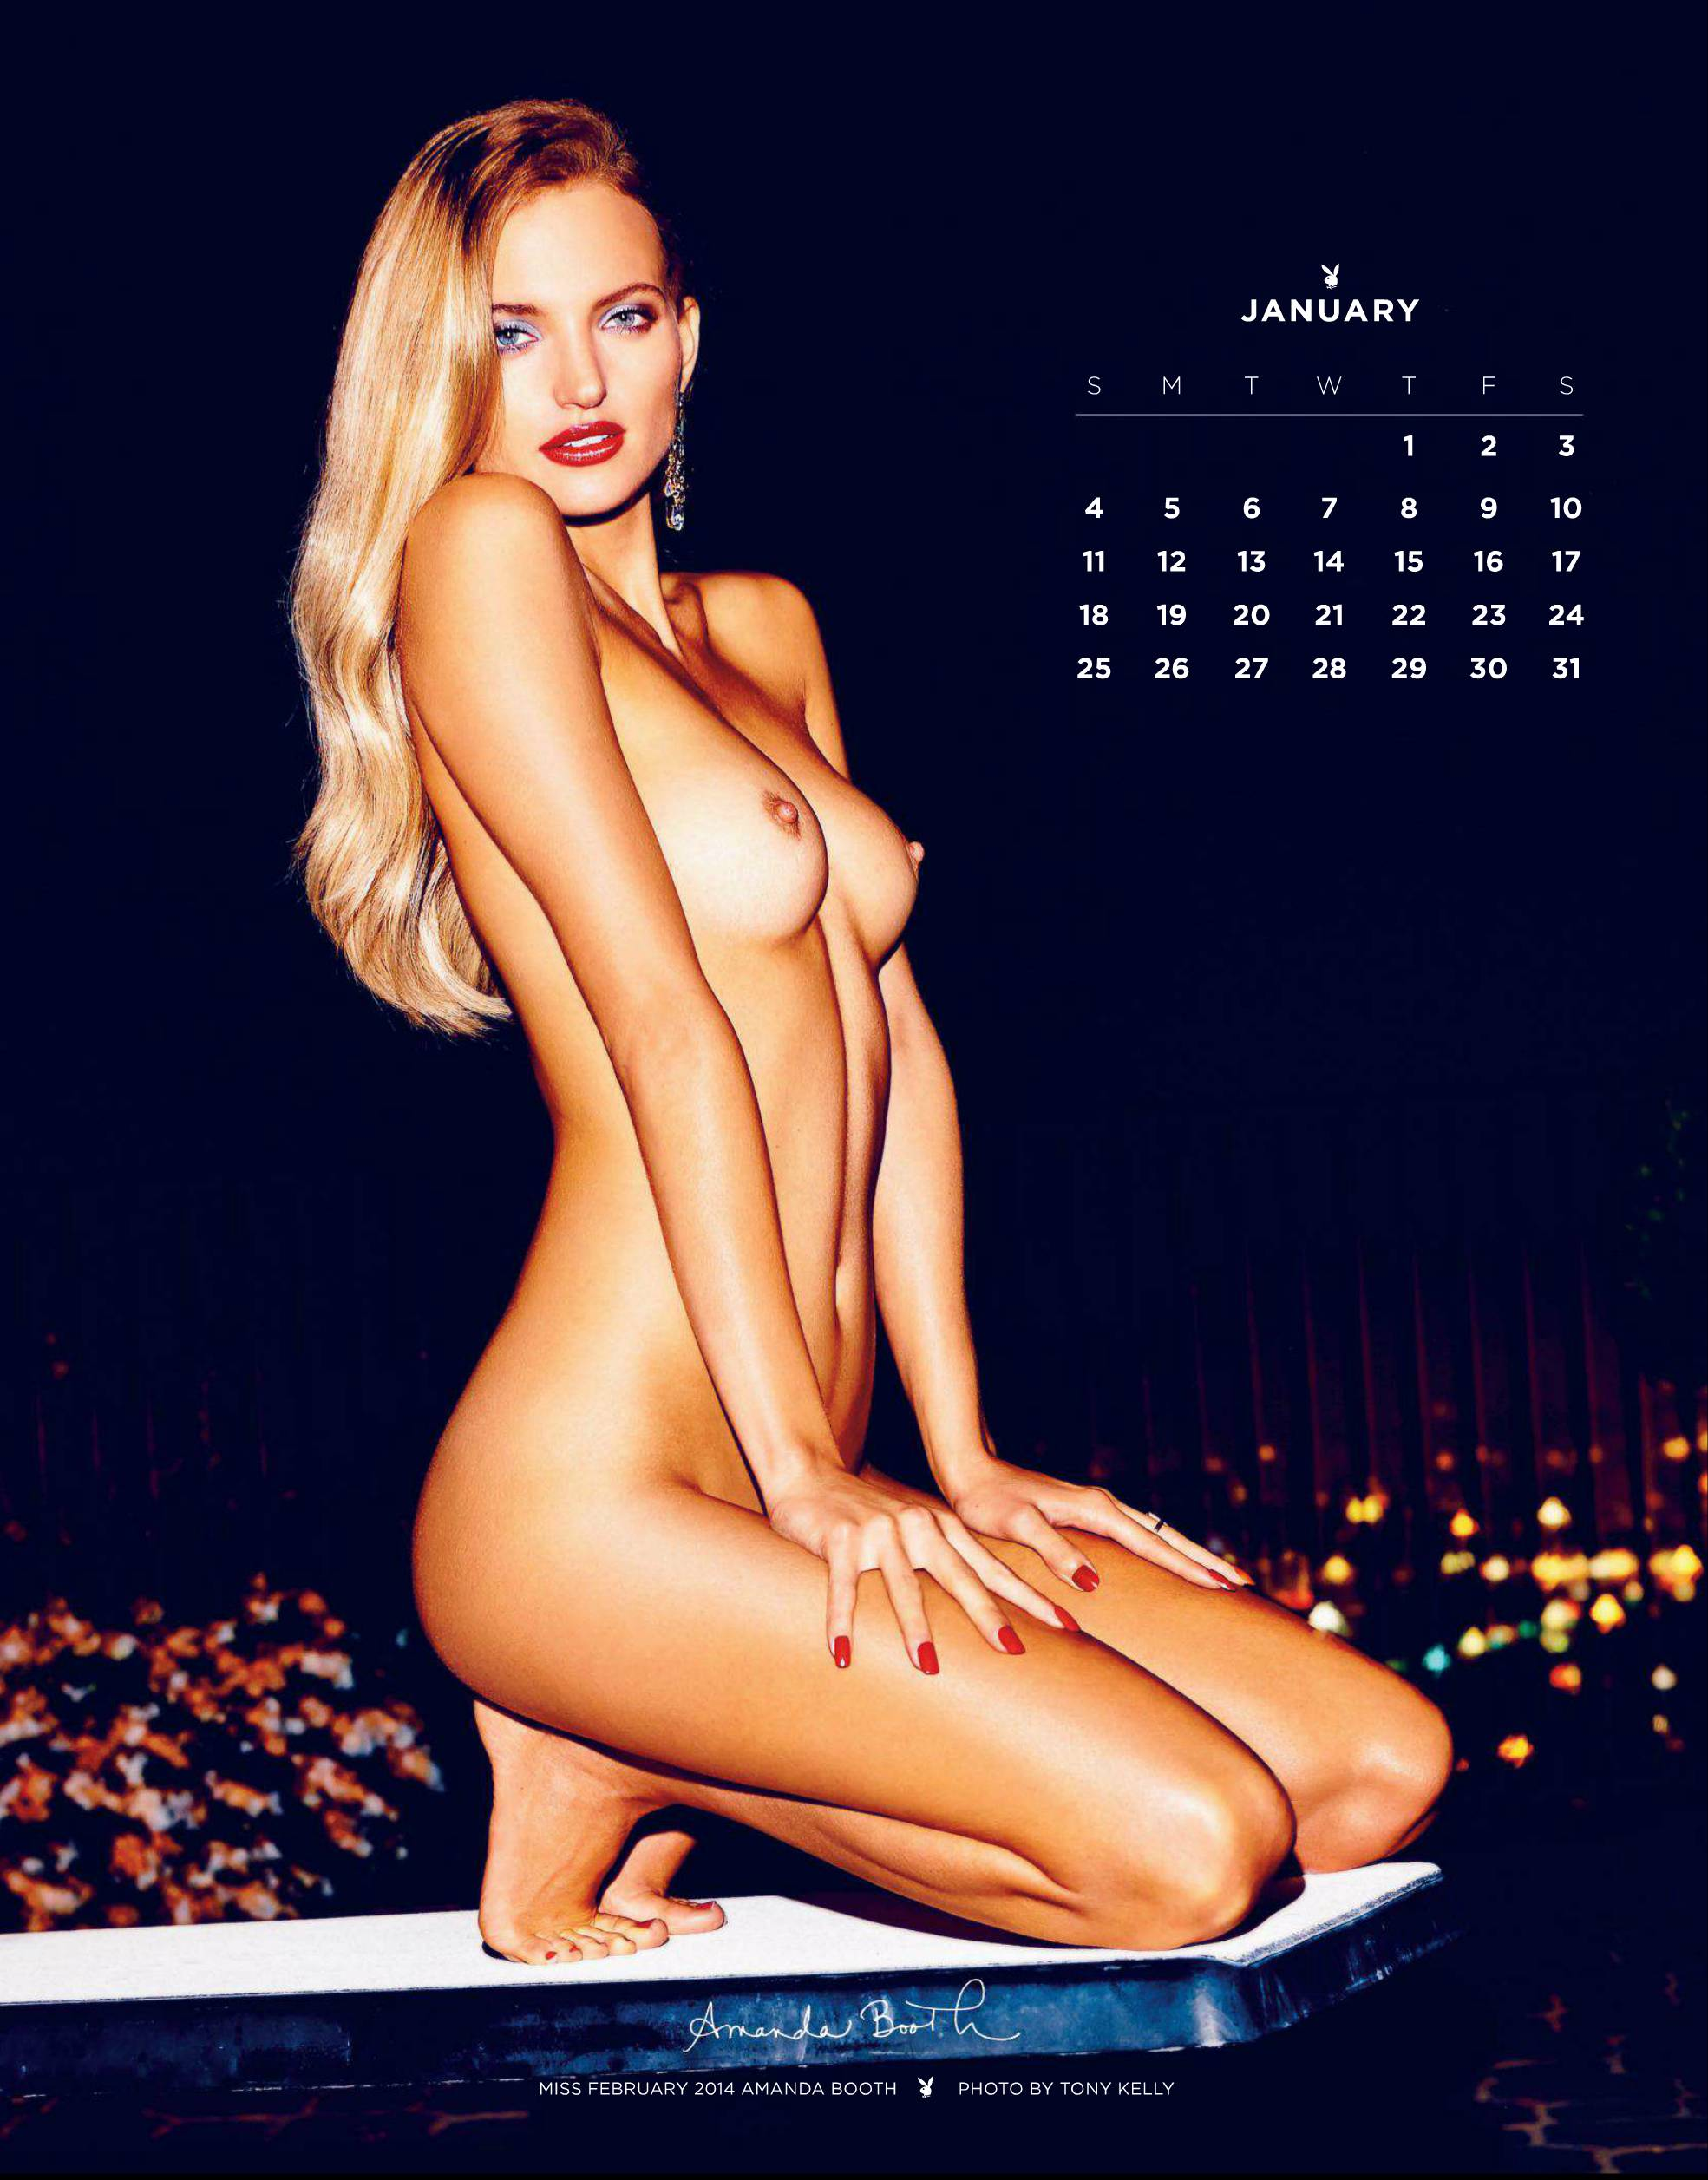 порномоделей календари